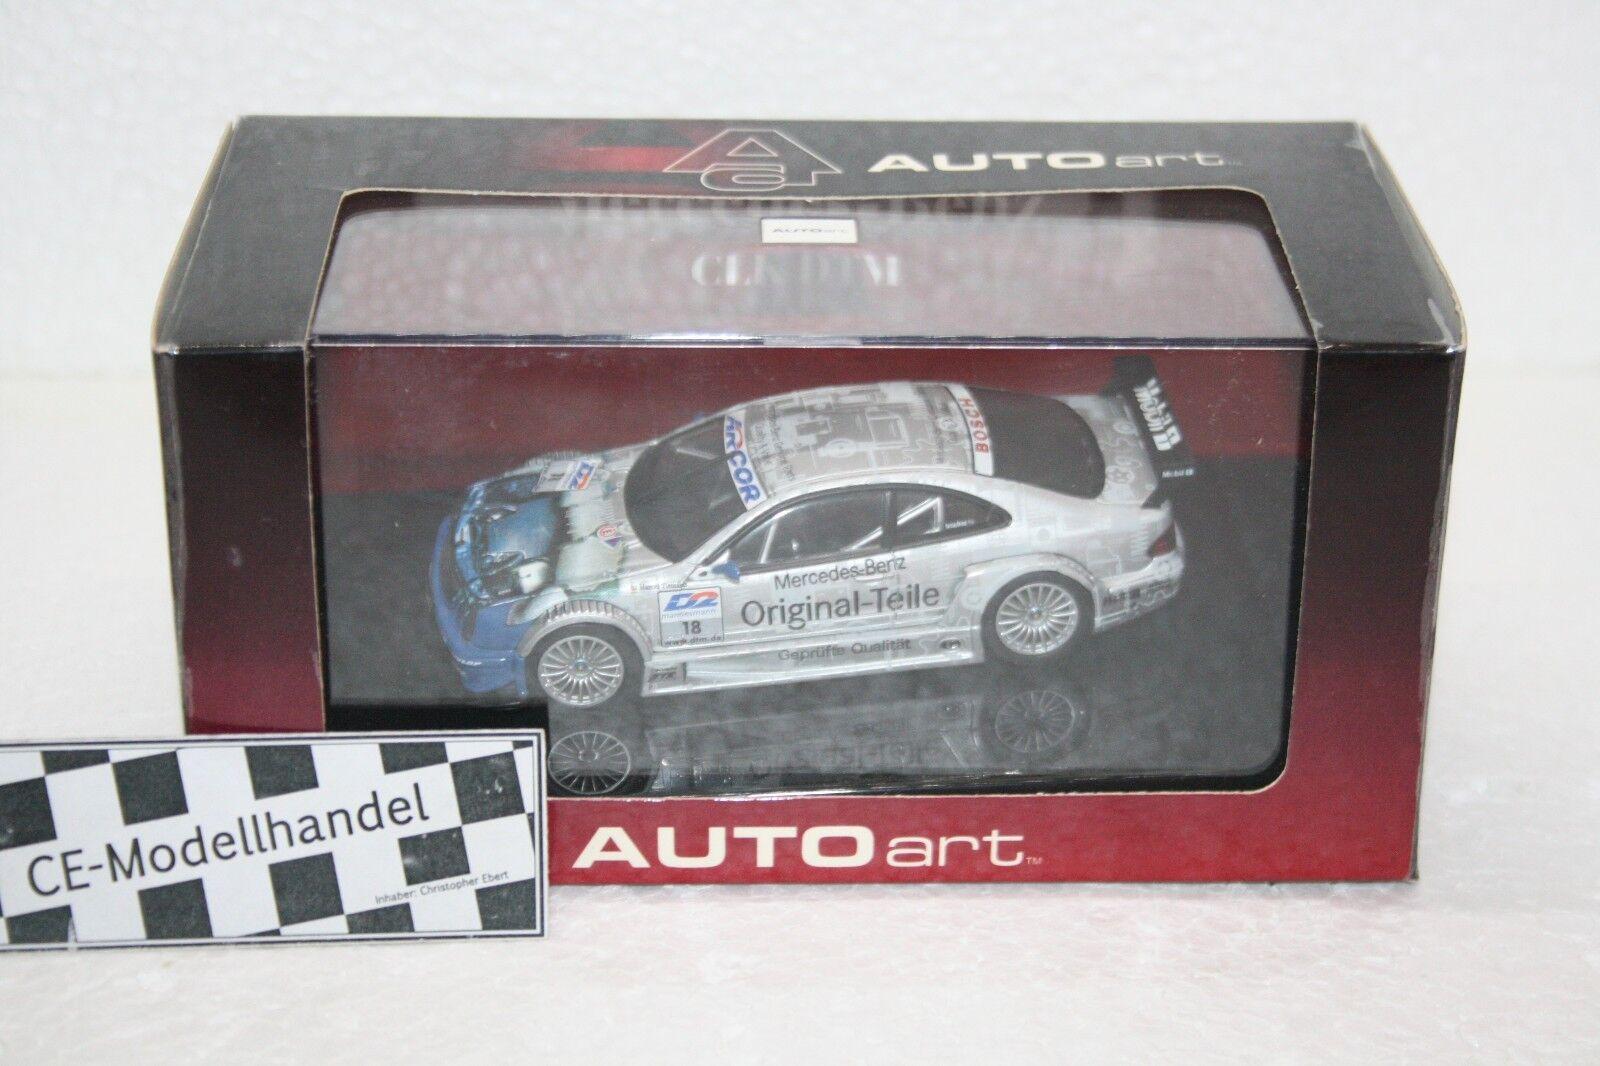 Mercedes-Benz CLK-DTM AMG     18 M Tiemann  2000  AUTOART  1 43 08b6e2